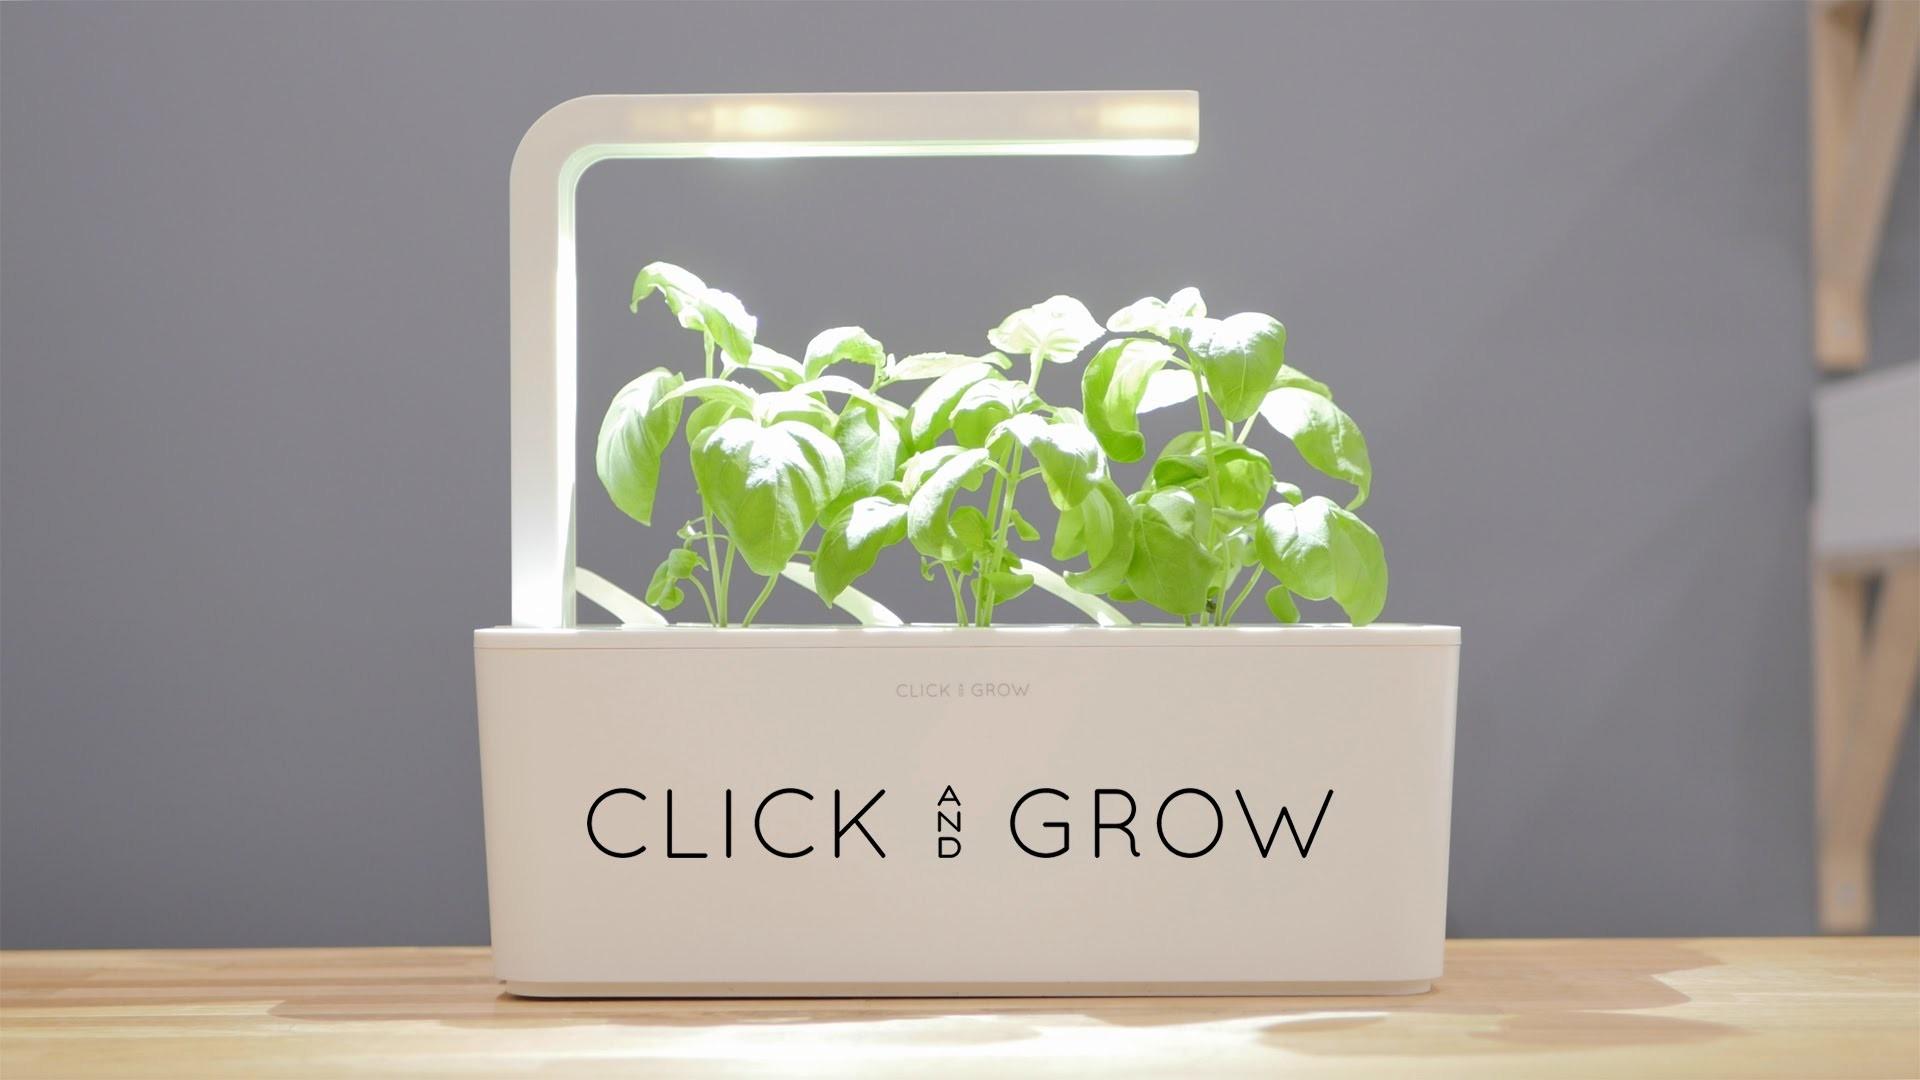 ClickGrow